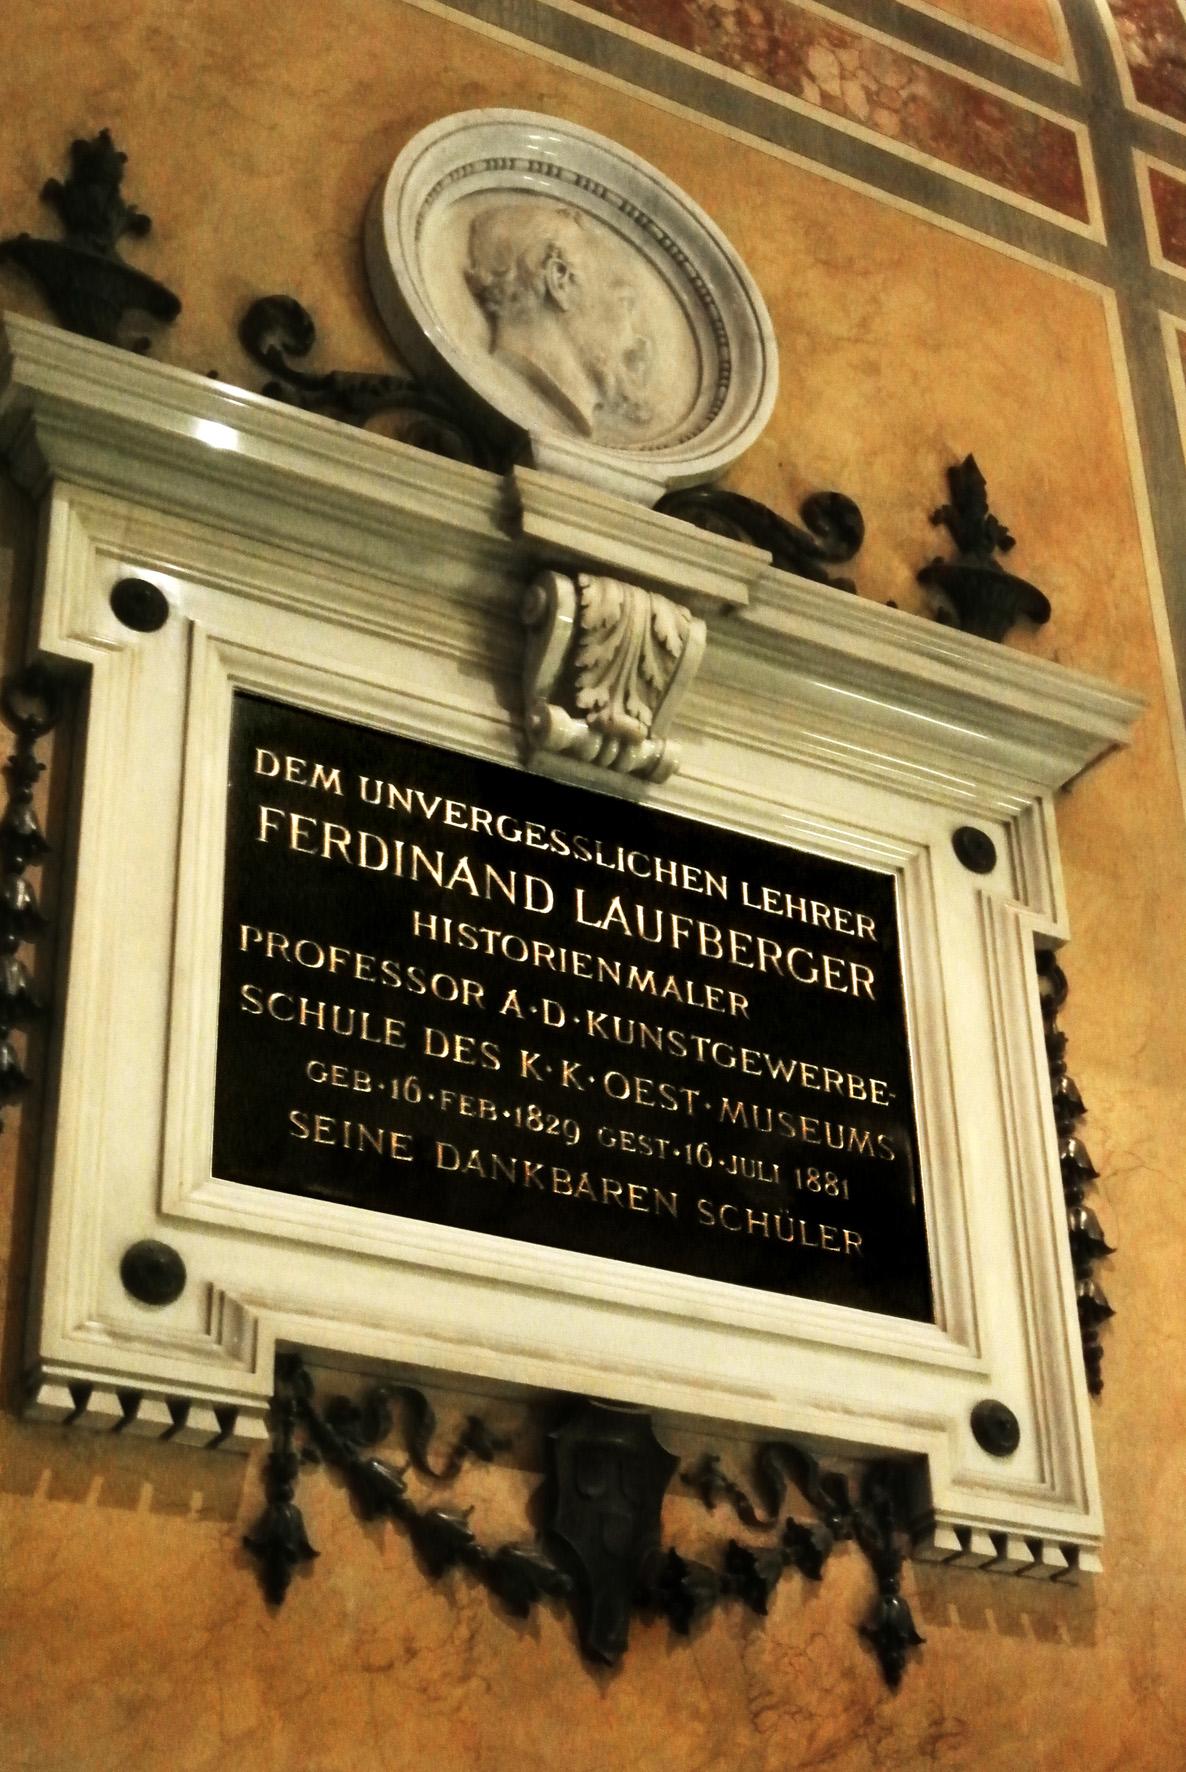 Ferdinand Laufberger GT- Museum für Angewandte Kunst Wien, MAK.jpg